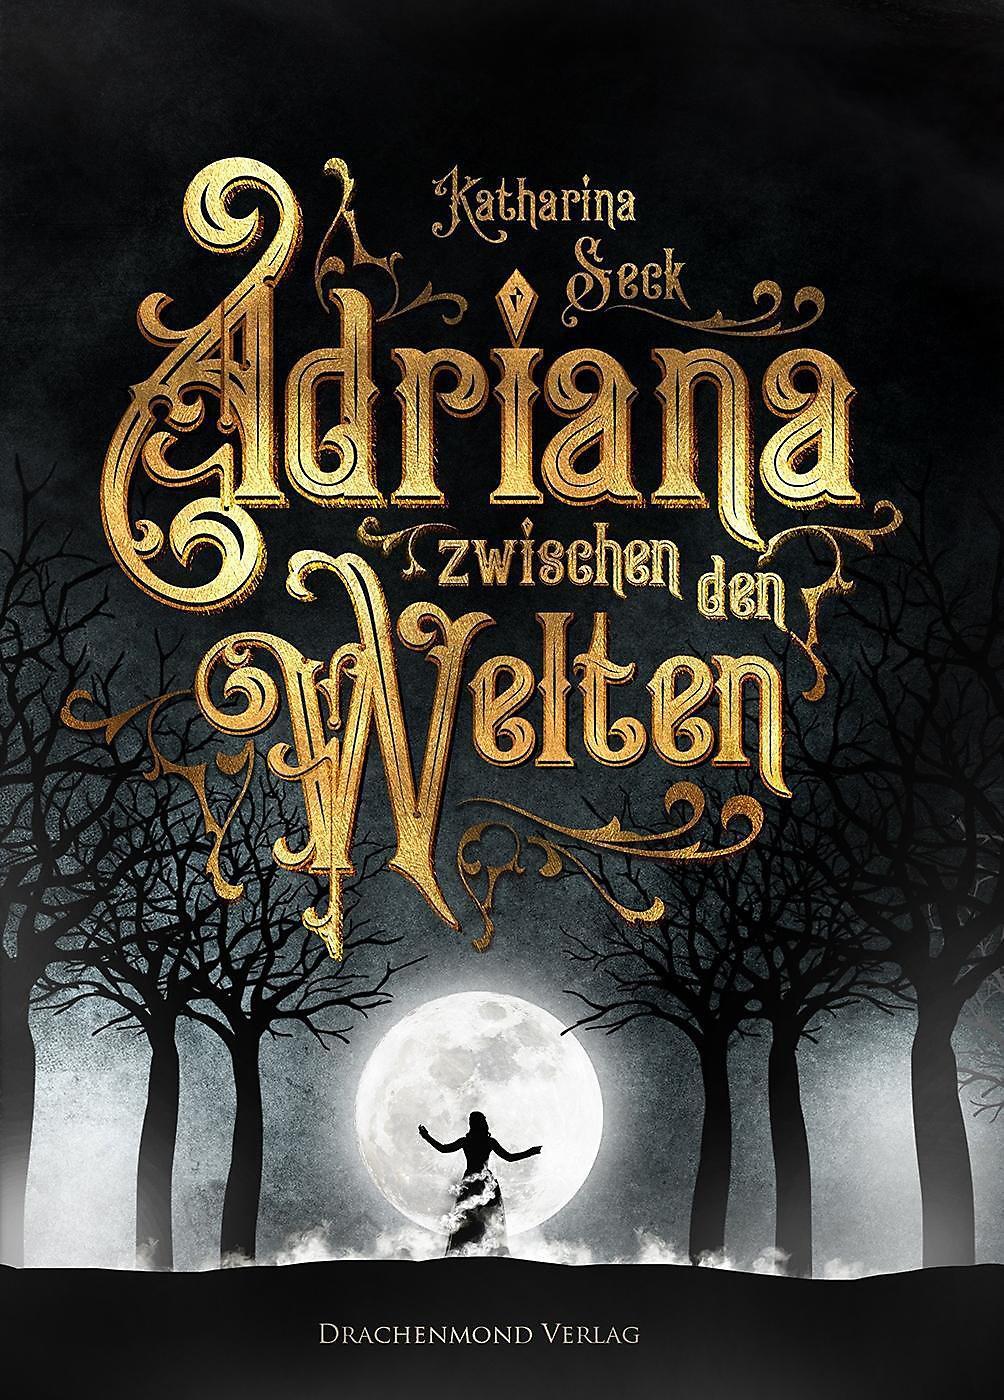 seck_katharina_adriana-zwischen-den-welten_phantastik-autoren-netzwerk.jpg